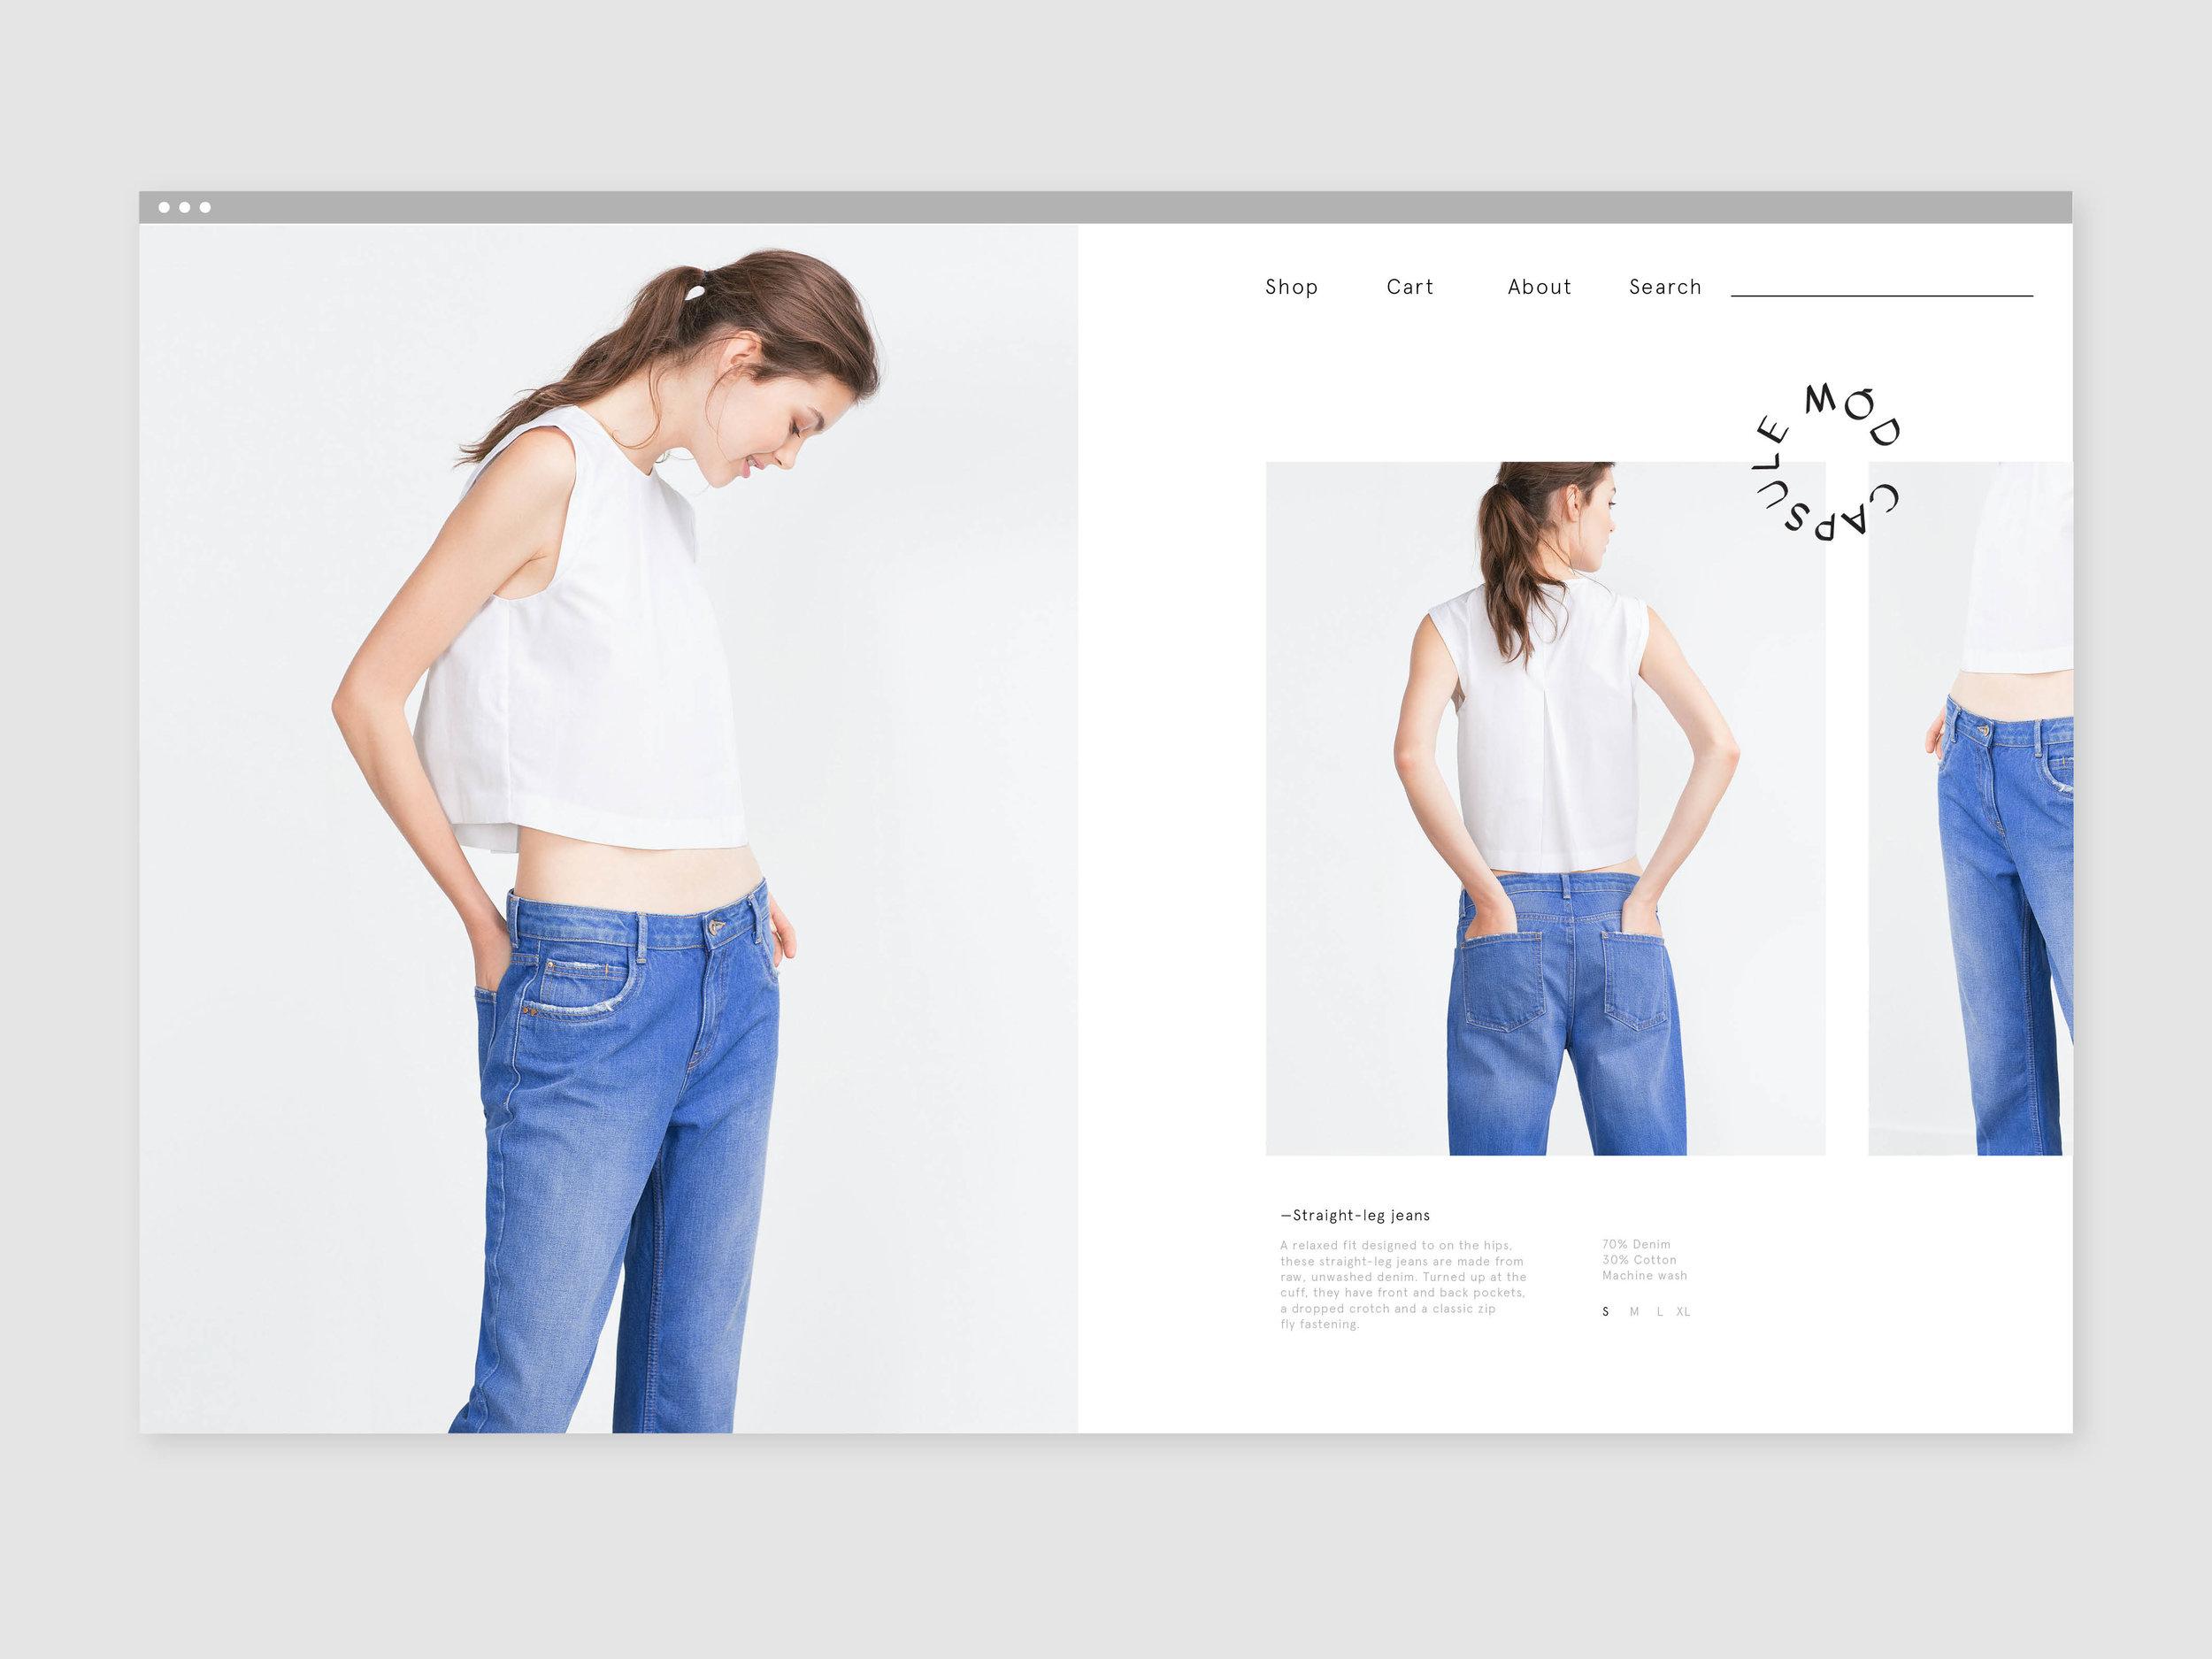 Capsule_Mod_Wardrobe_Fashion_Capsule Wardrobe_Web Design_4